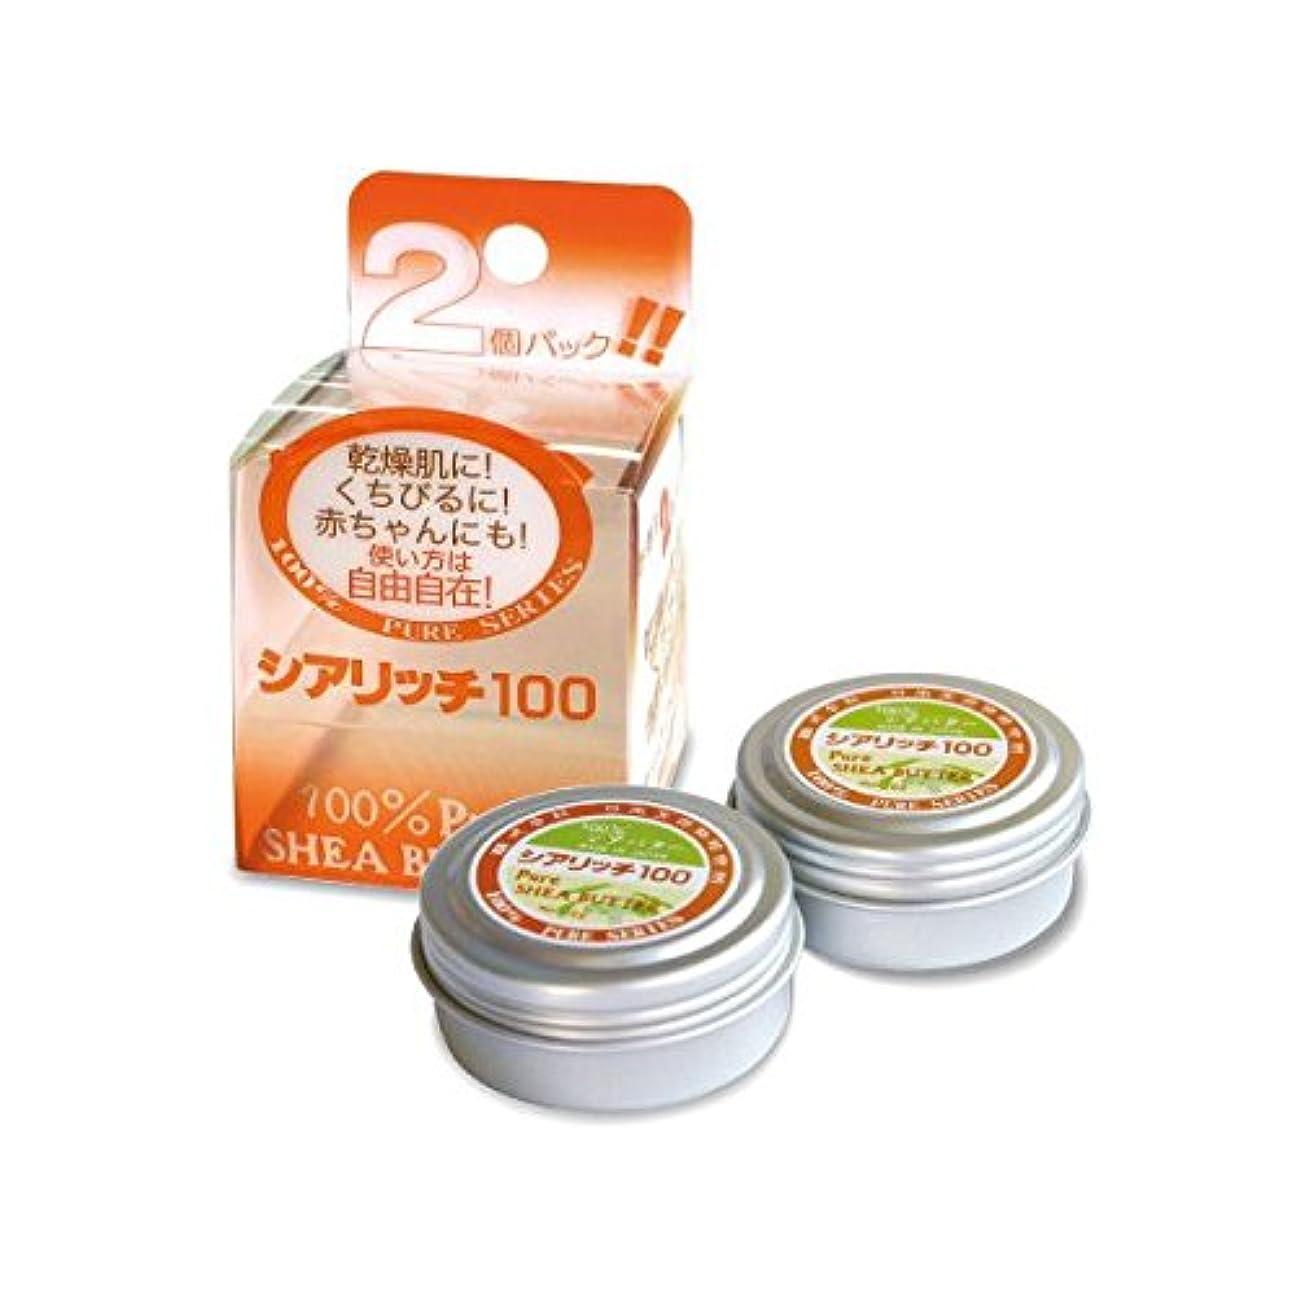 絞る農民貸す日本天然物研究所 シアリッチ100 (8g×2個入り)【単品】(無添加100%シアバター)無香料